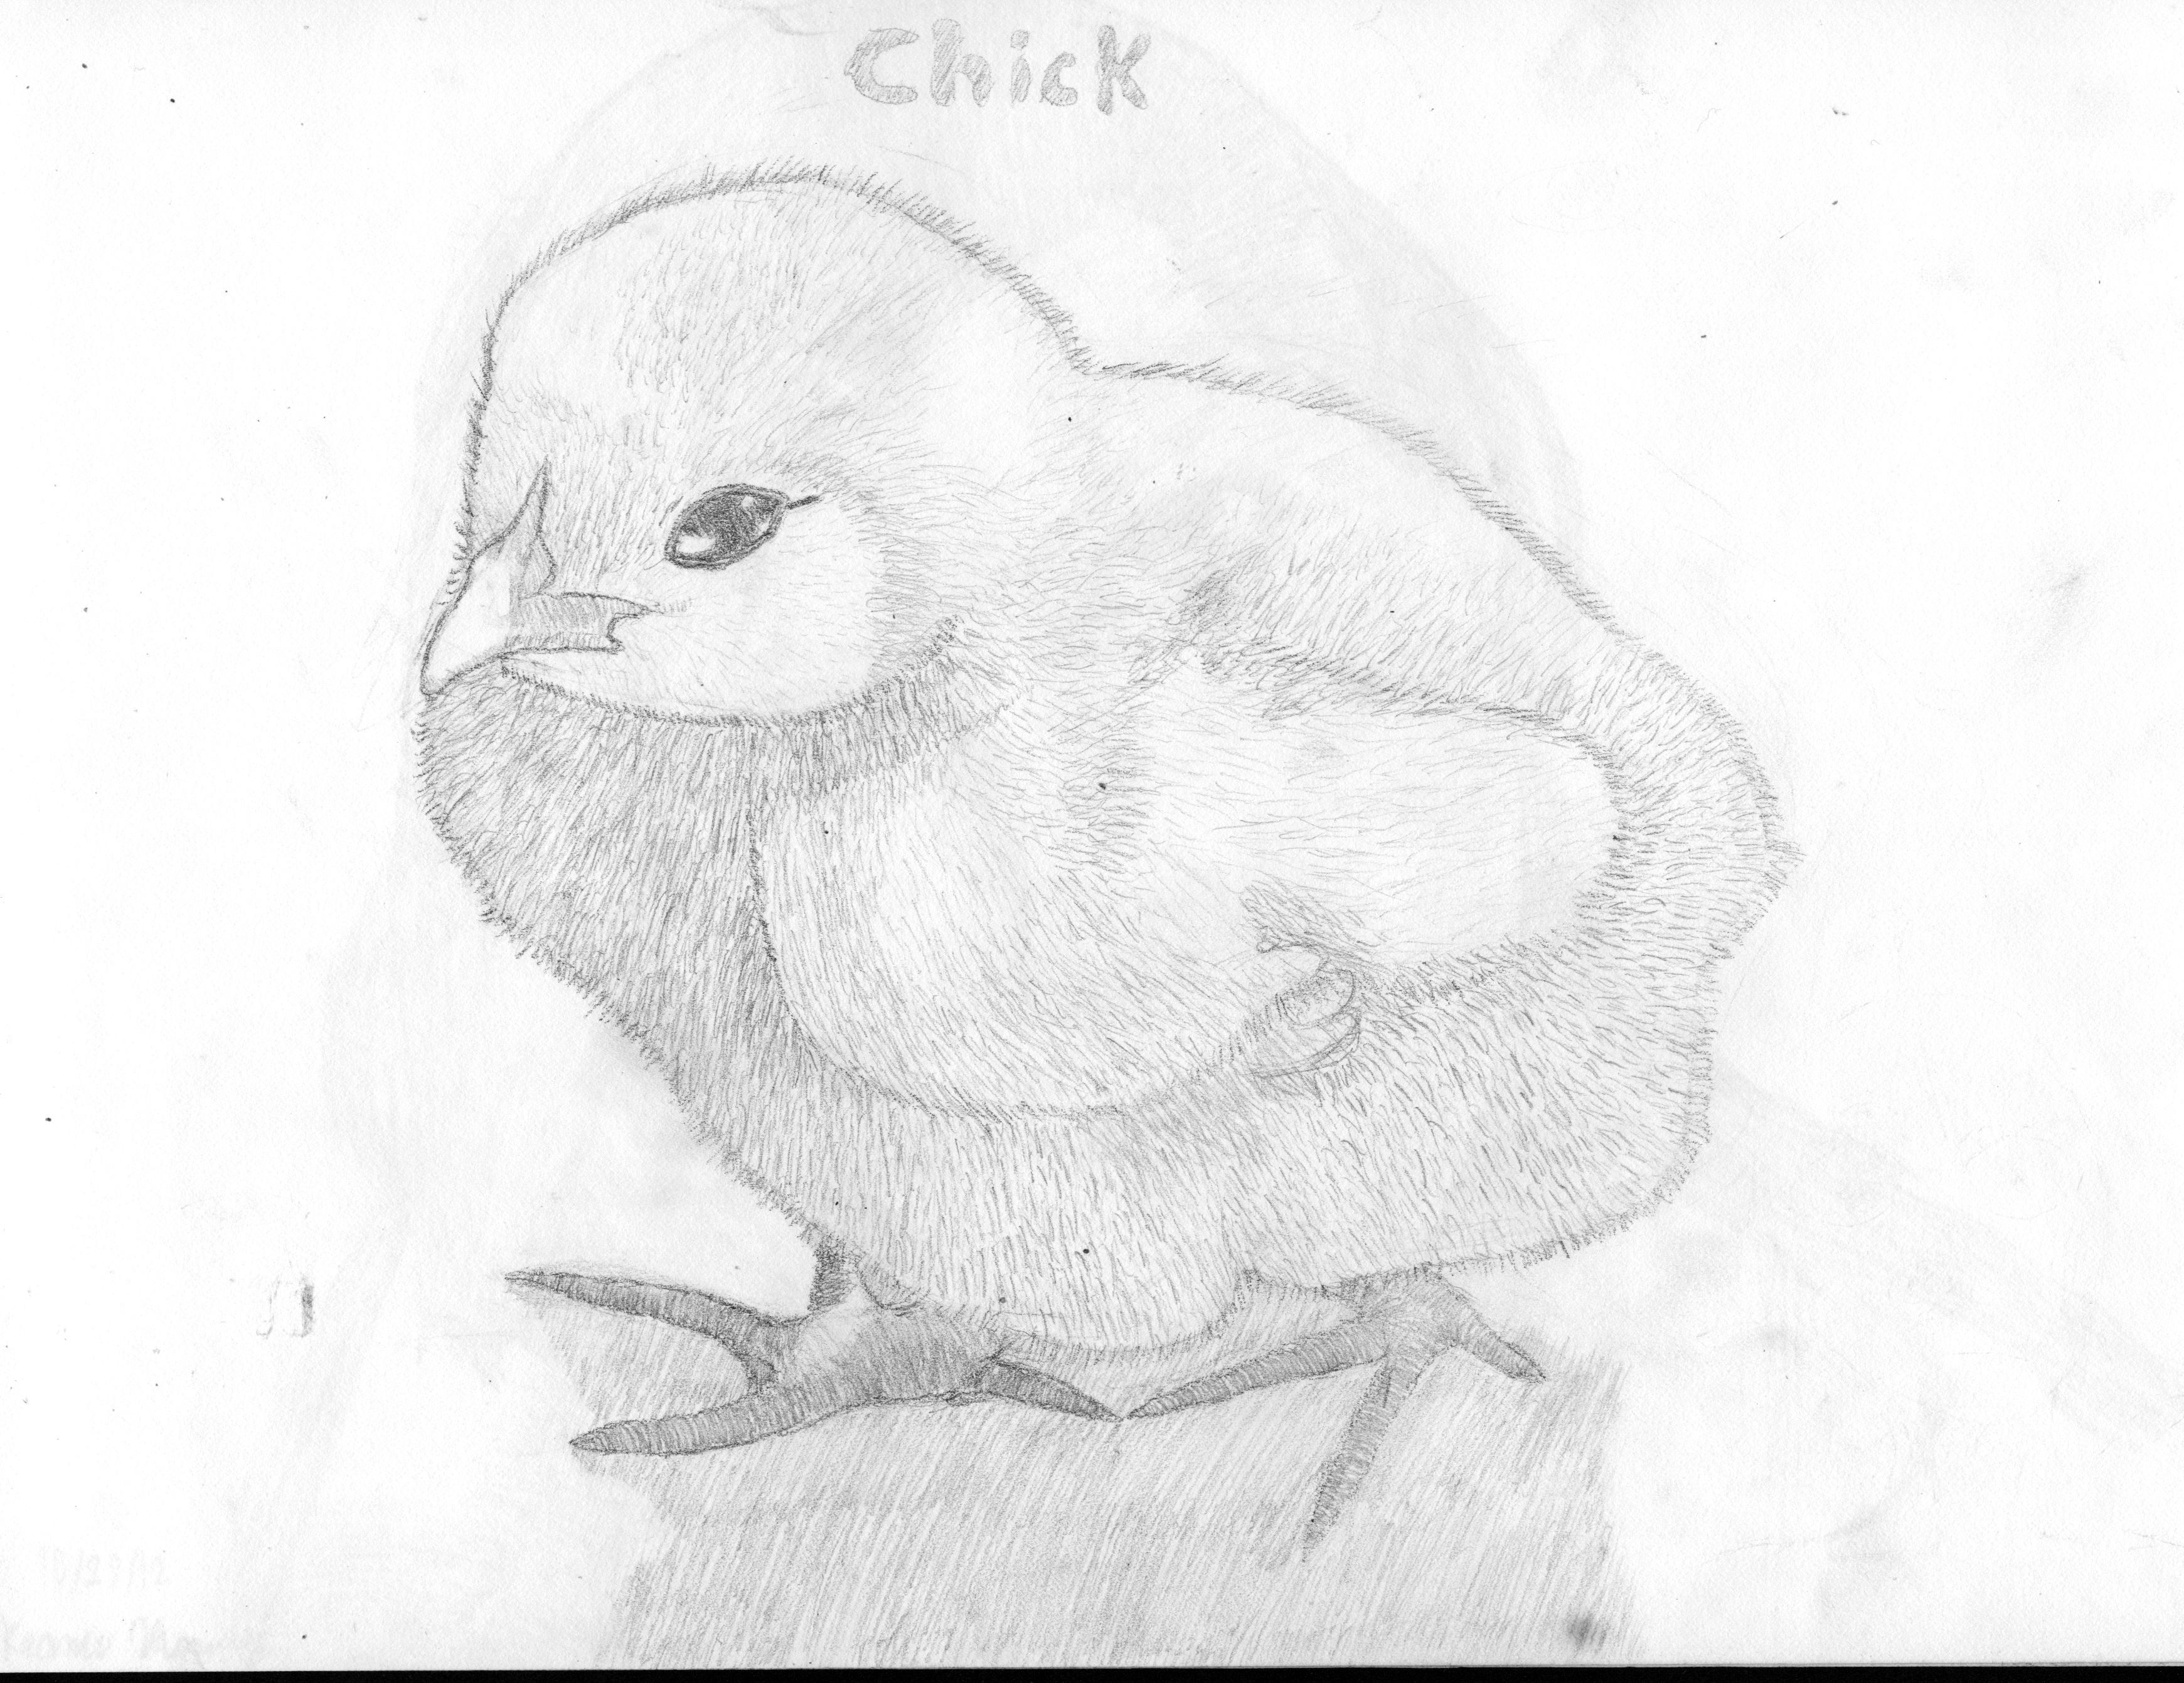 цыпленок картинка карандашом